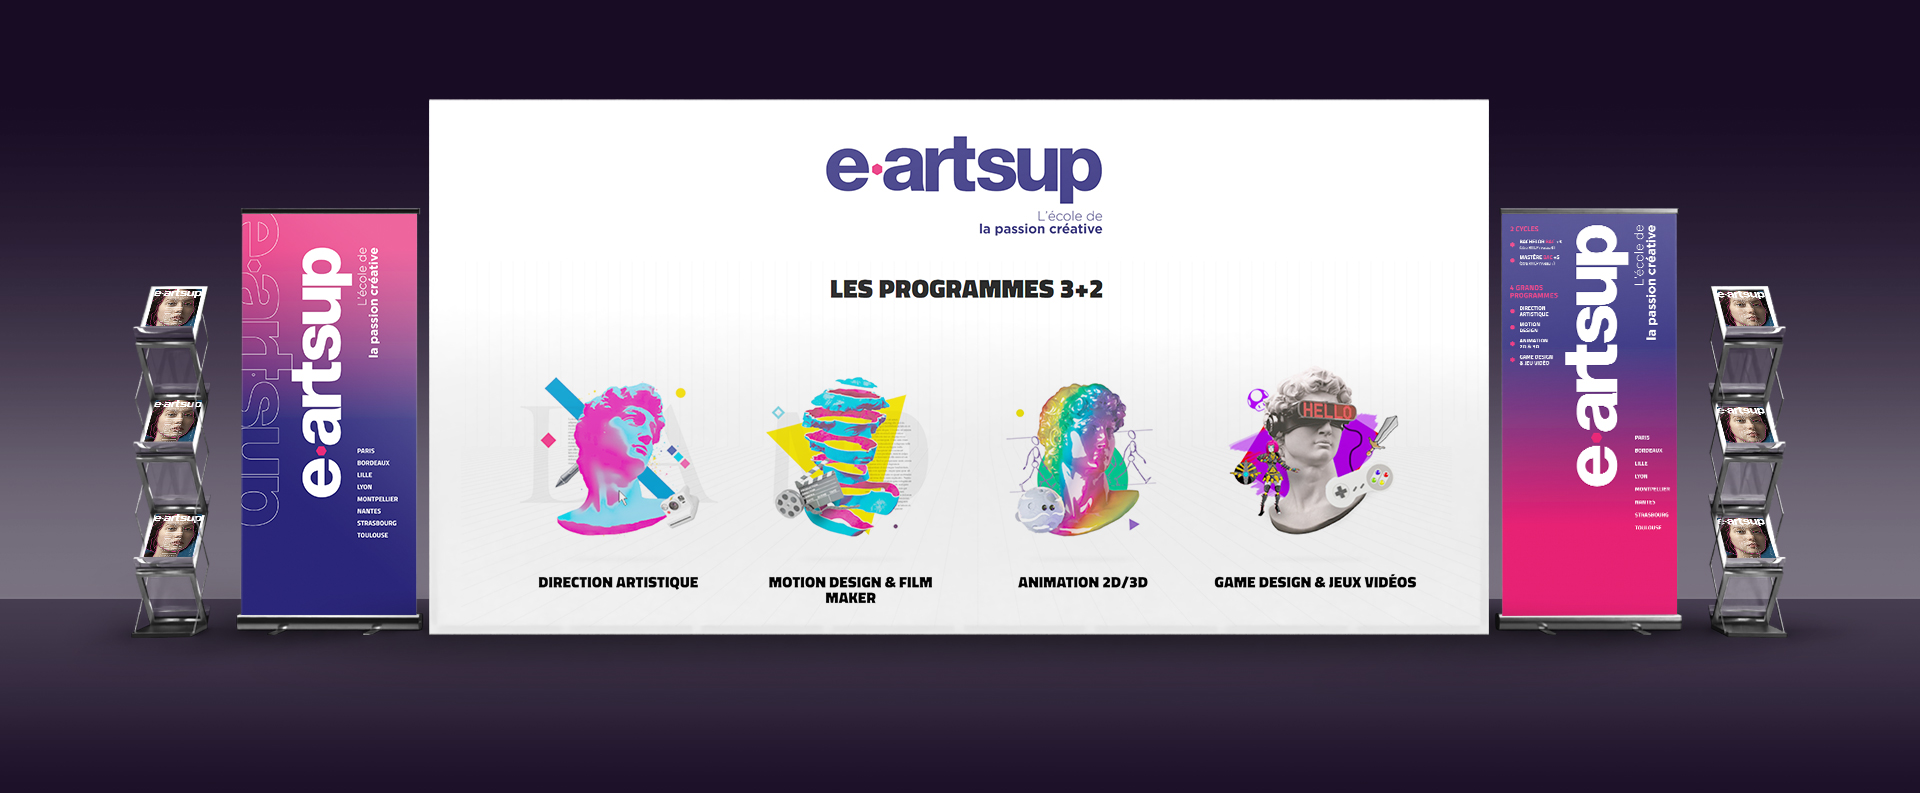 e-artsup partenaire des chatons d'or édition 2021